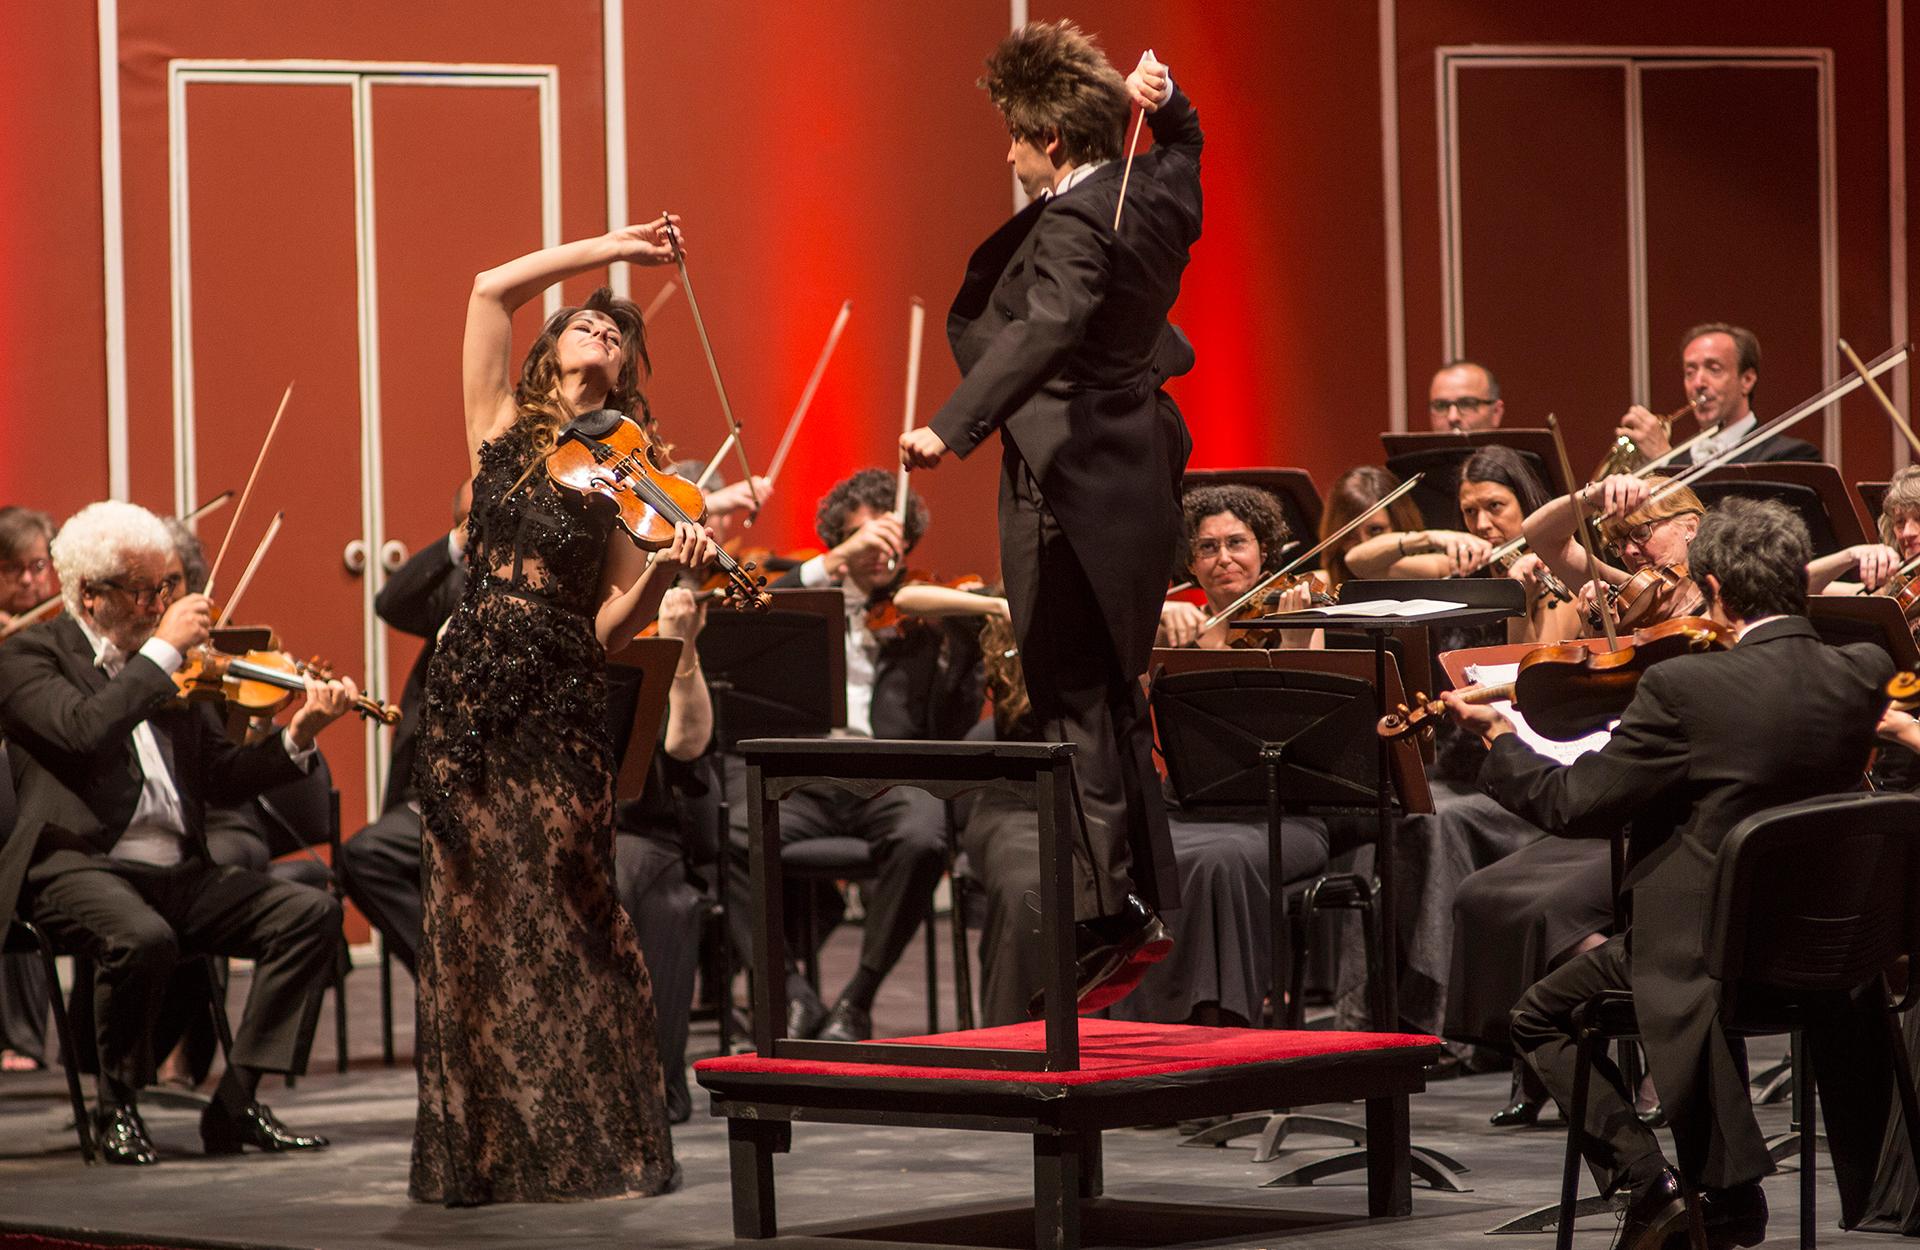 Dego y Rustioni: dos grandes talentos sobre el escenario del Teatro Coliseo, que fueron ovacionados de pie por el público